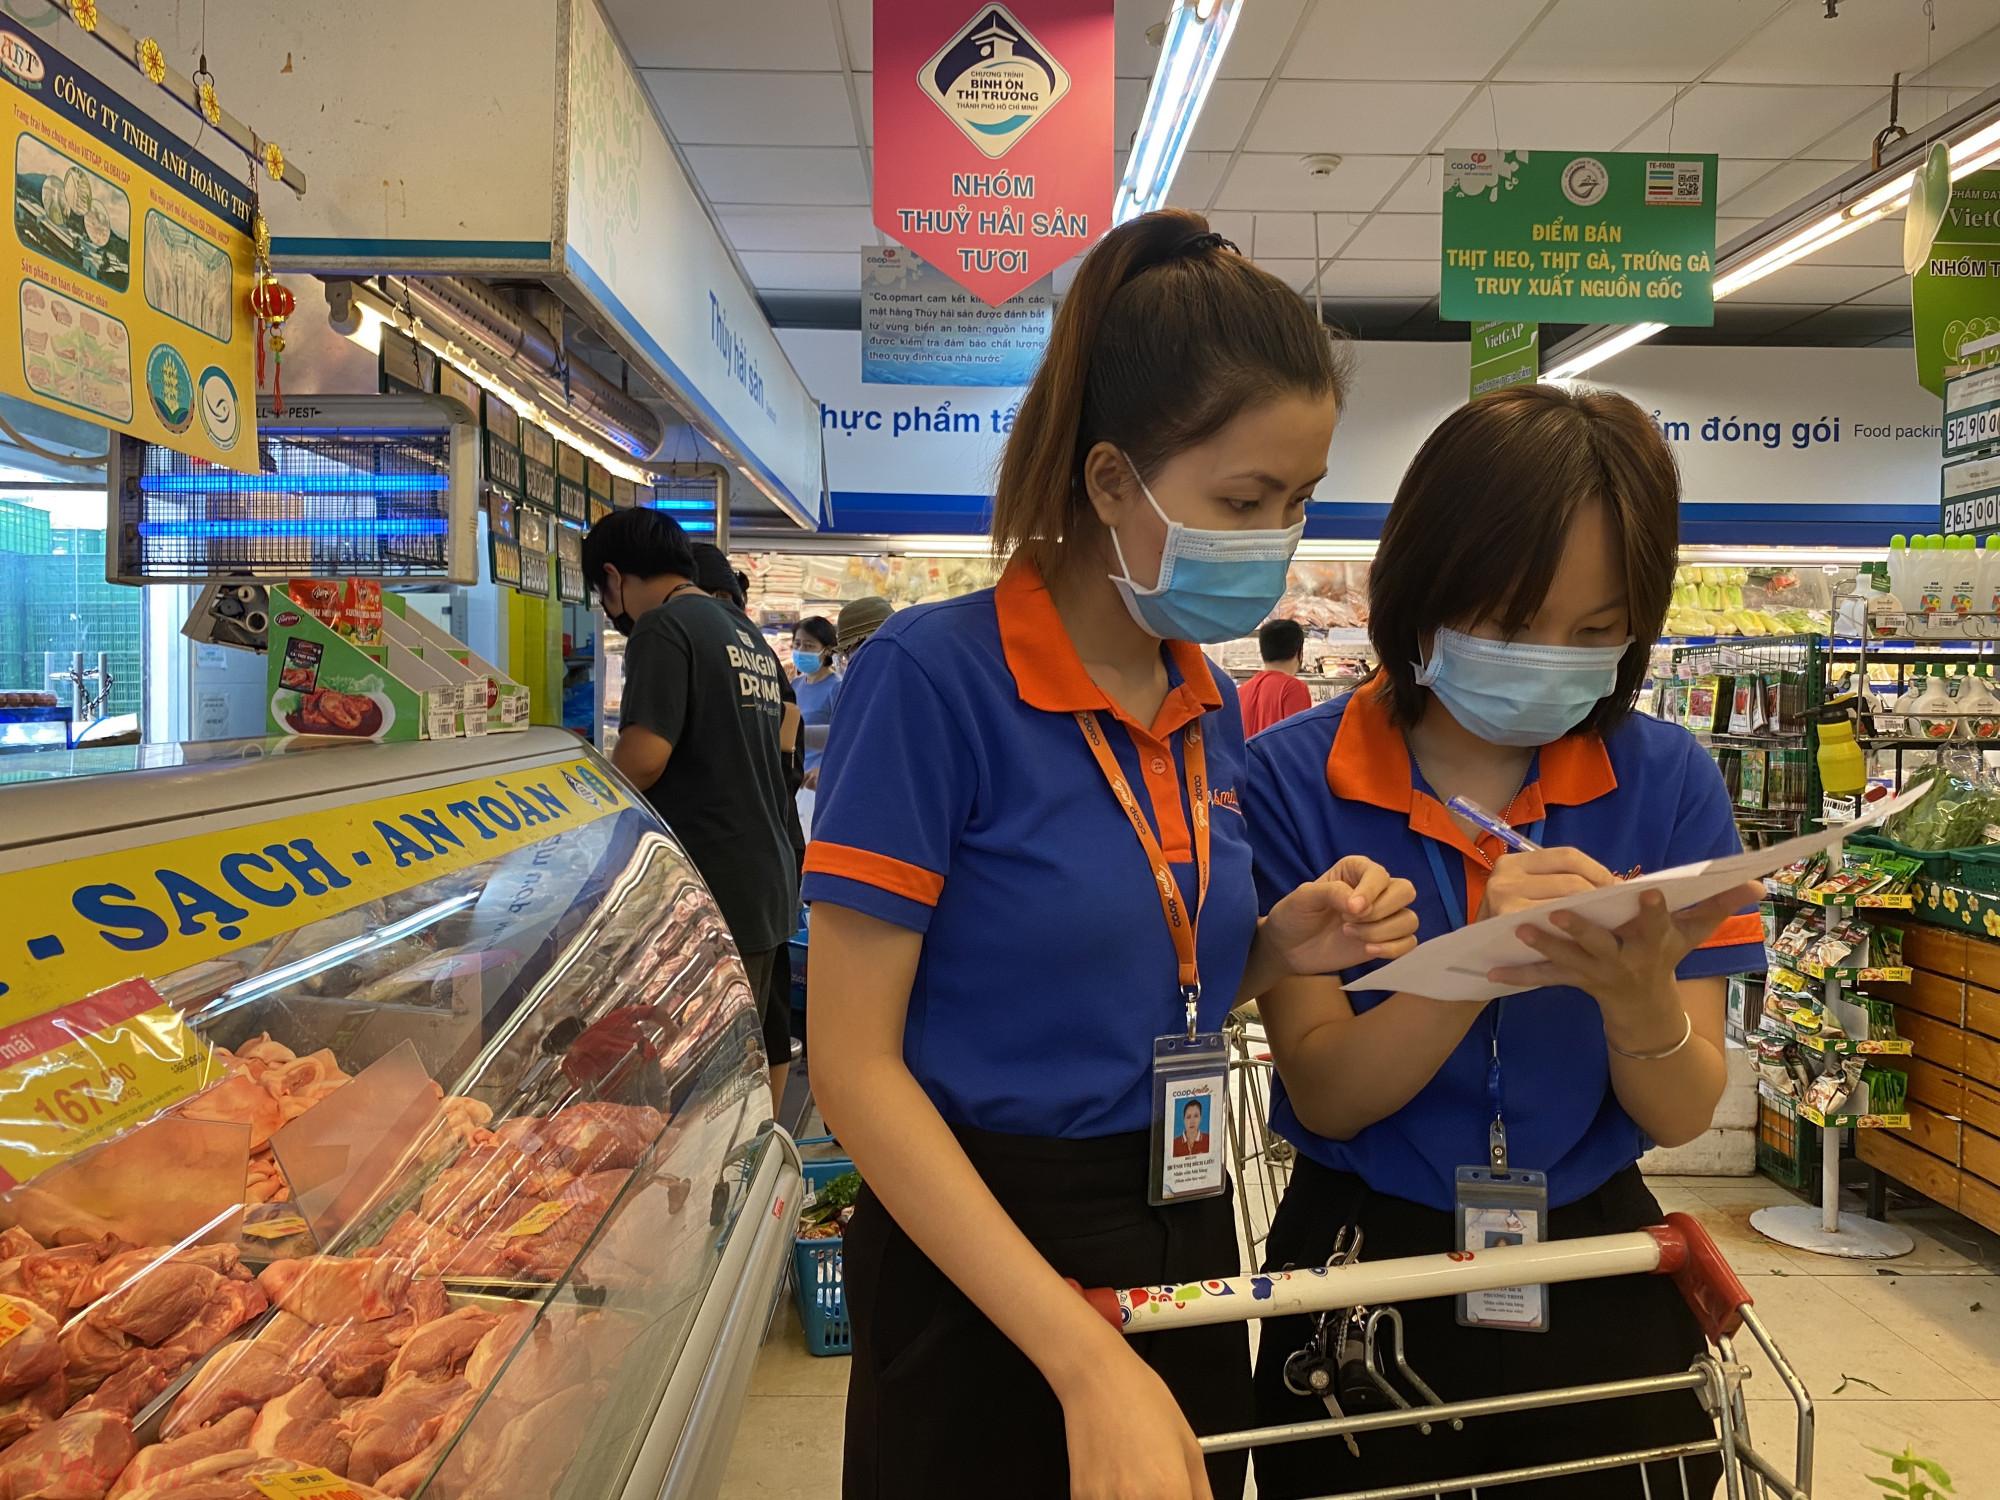 Nhân  viên siêu thị đang đi  chợ  thay cho  khách  hàng  tại  siêu  thị Co.op  Nhiêu  Lọc  trong sáng đầu tiên  thực  hiện giãn các xã hội tại TPHCM. Ảnh: Quốc  Thái